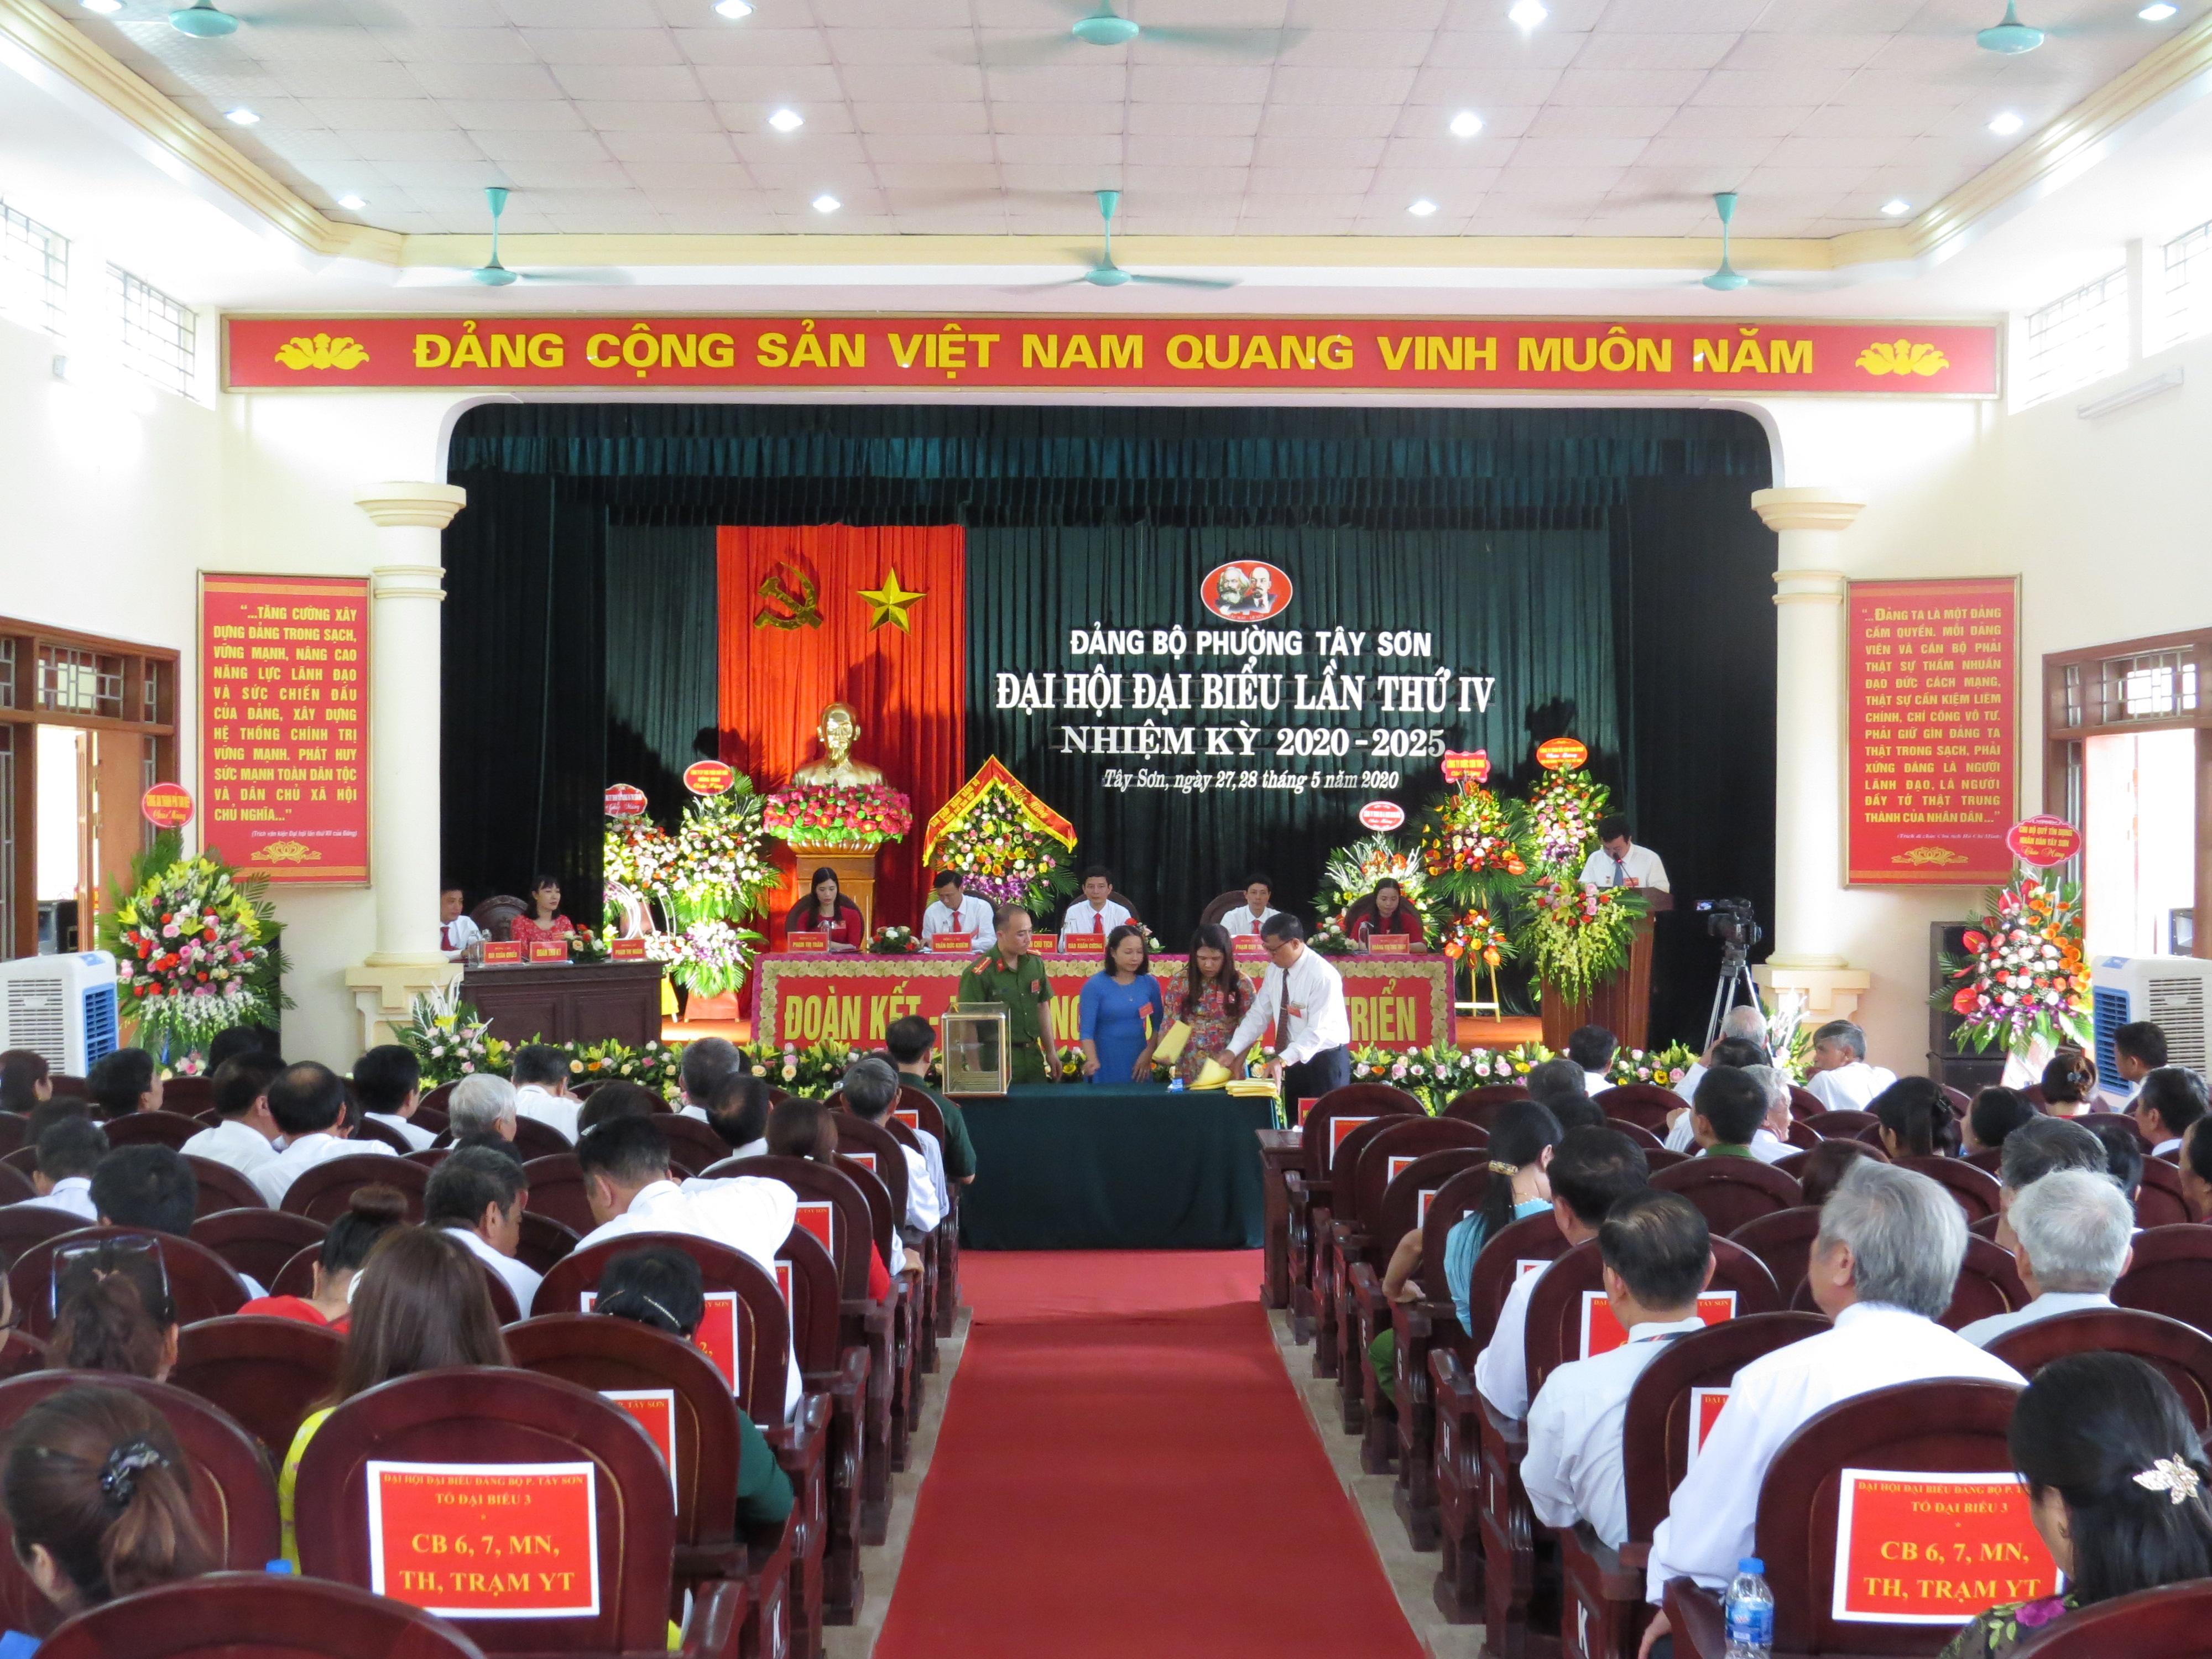 Đại hội đại biểu Đảng bộ phường Tây Sơn lần thứ IV nhiệm kỳ 2020 – 2025